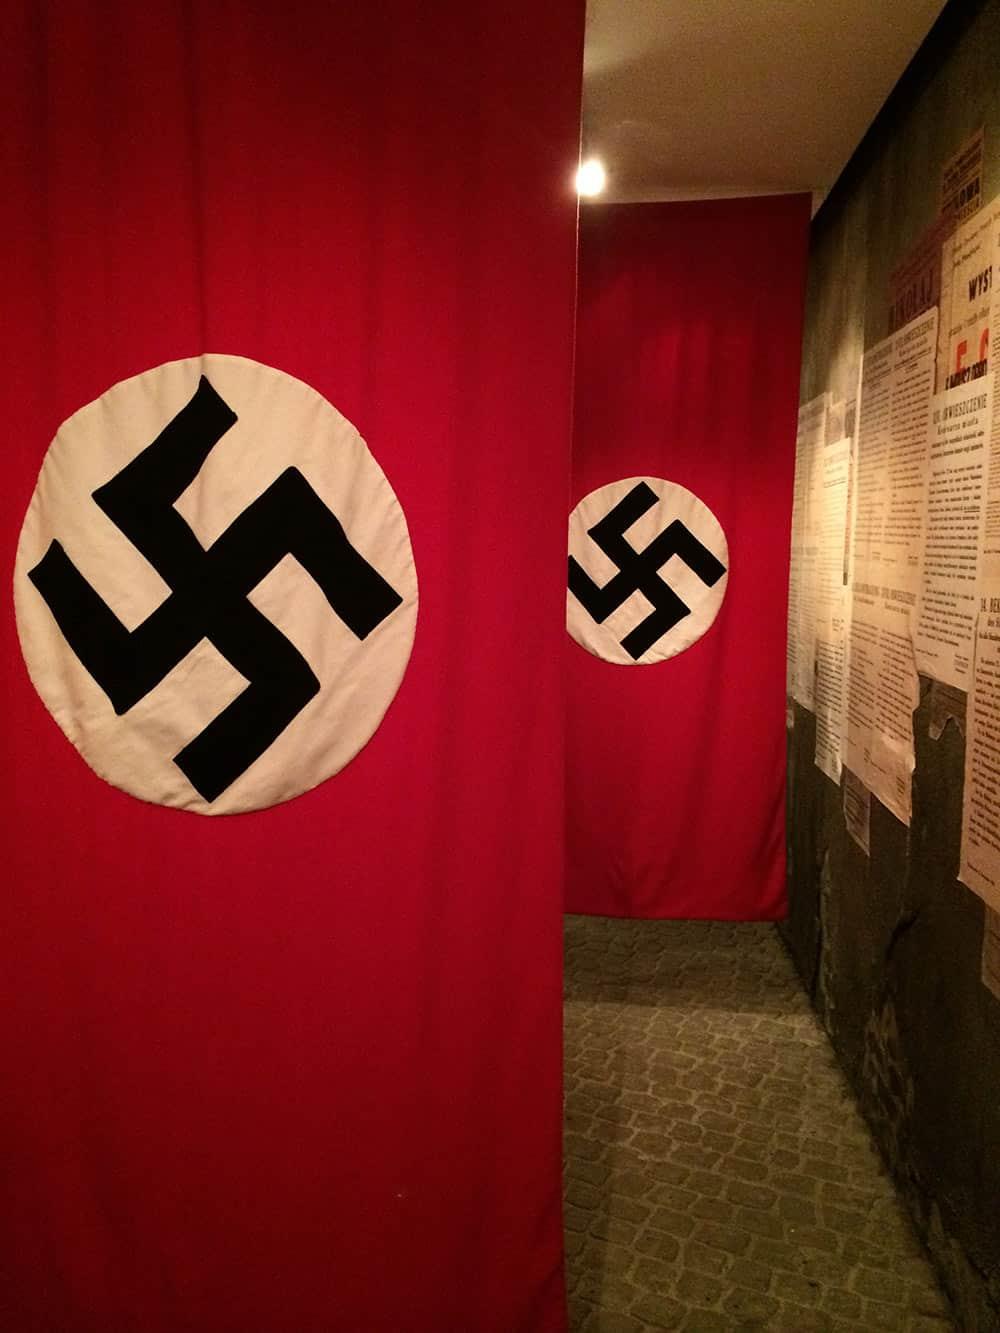 A fábrica de Schindler é uma super aula sobre a segunda guerra mundial! Conheça esse e outros pontos turísticos da Cracóvia no post.